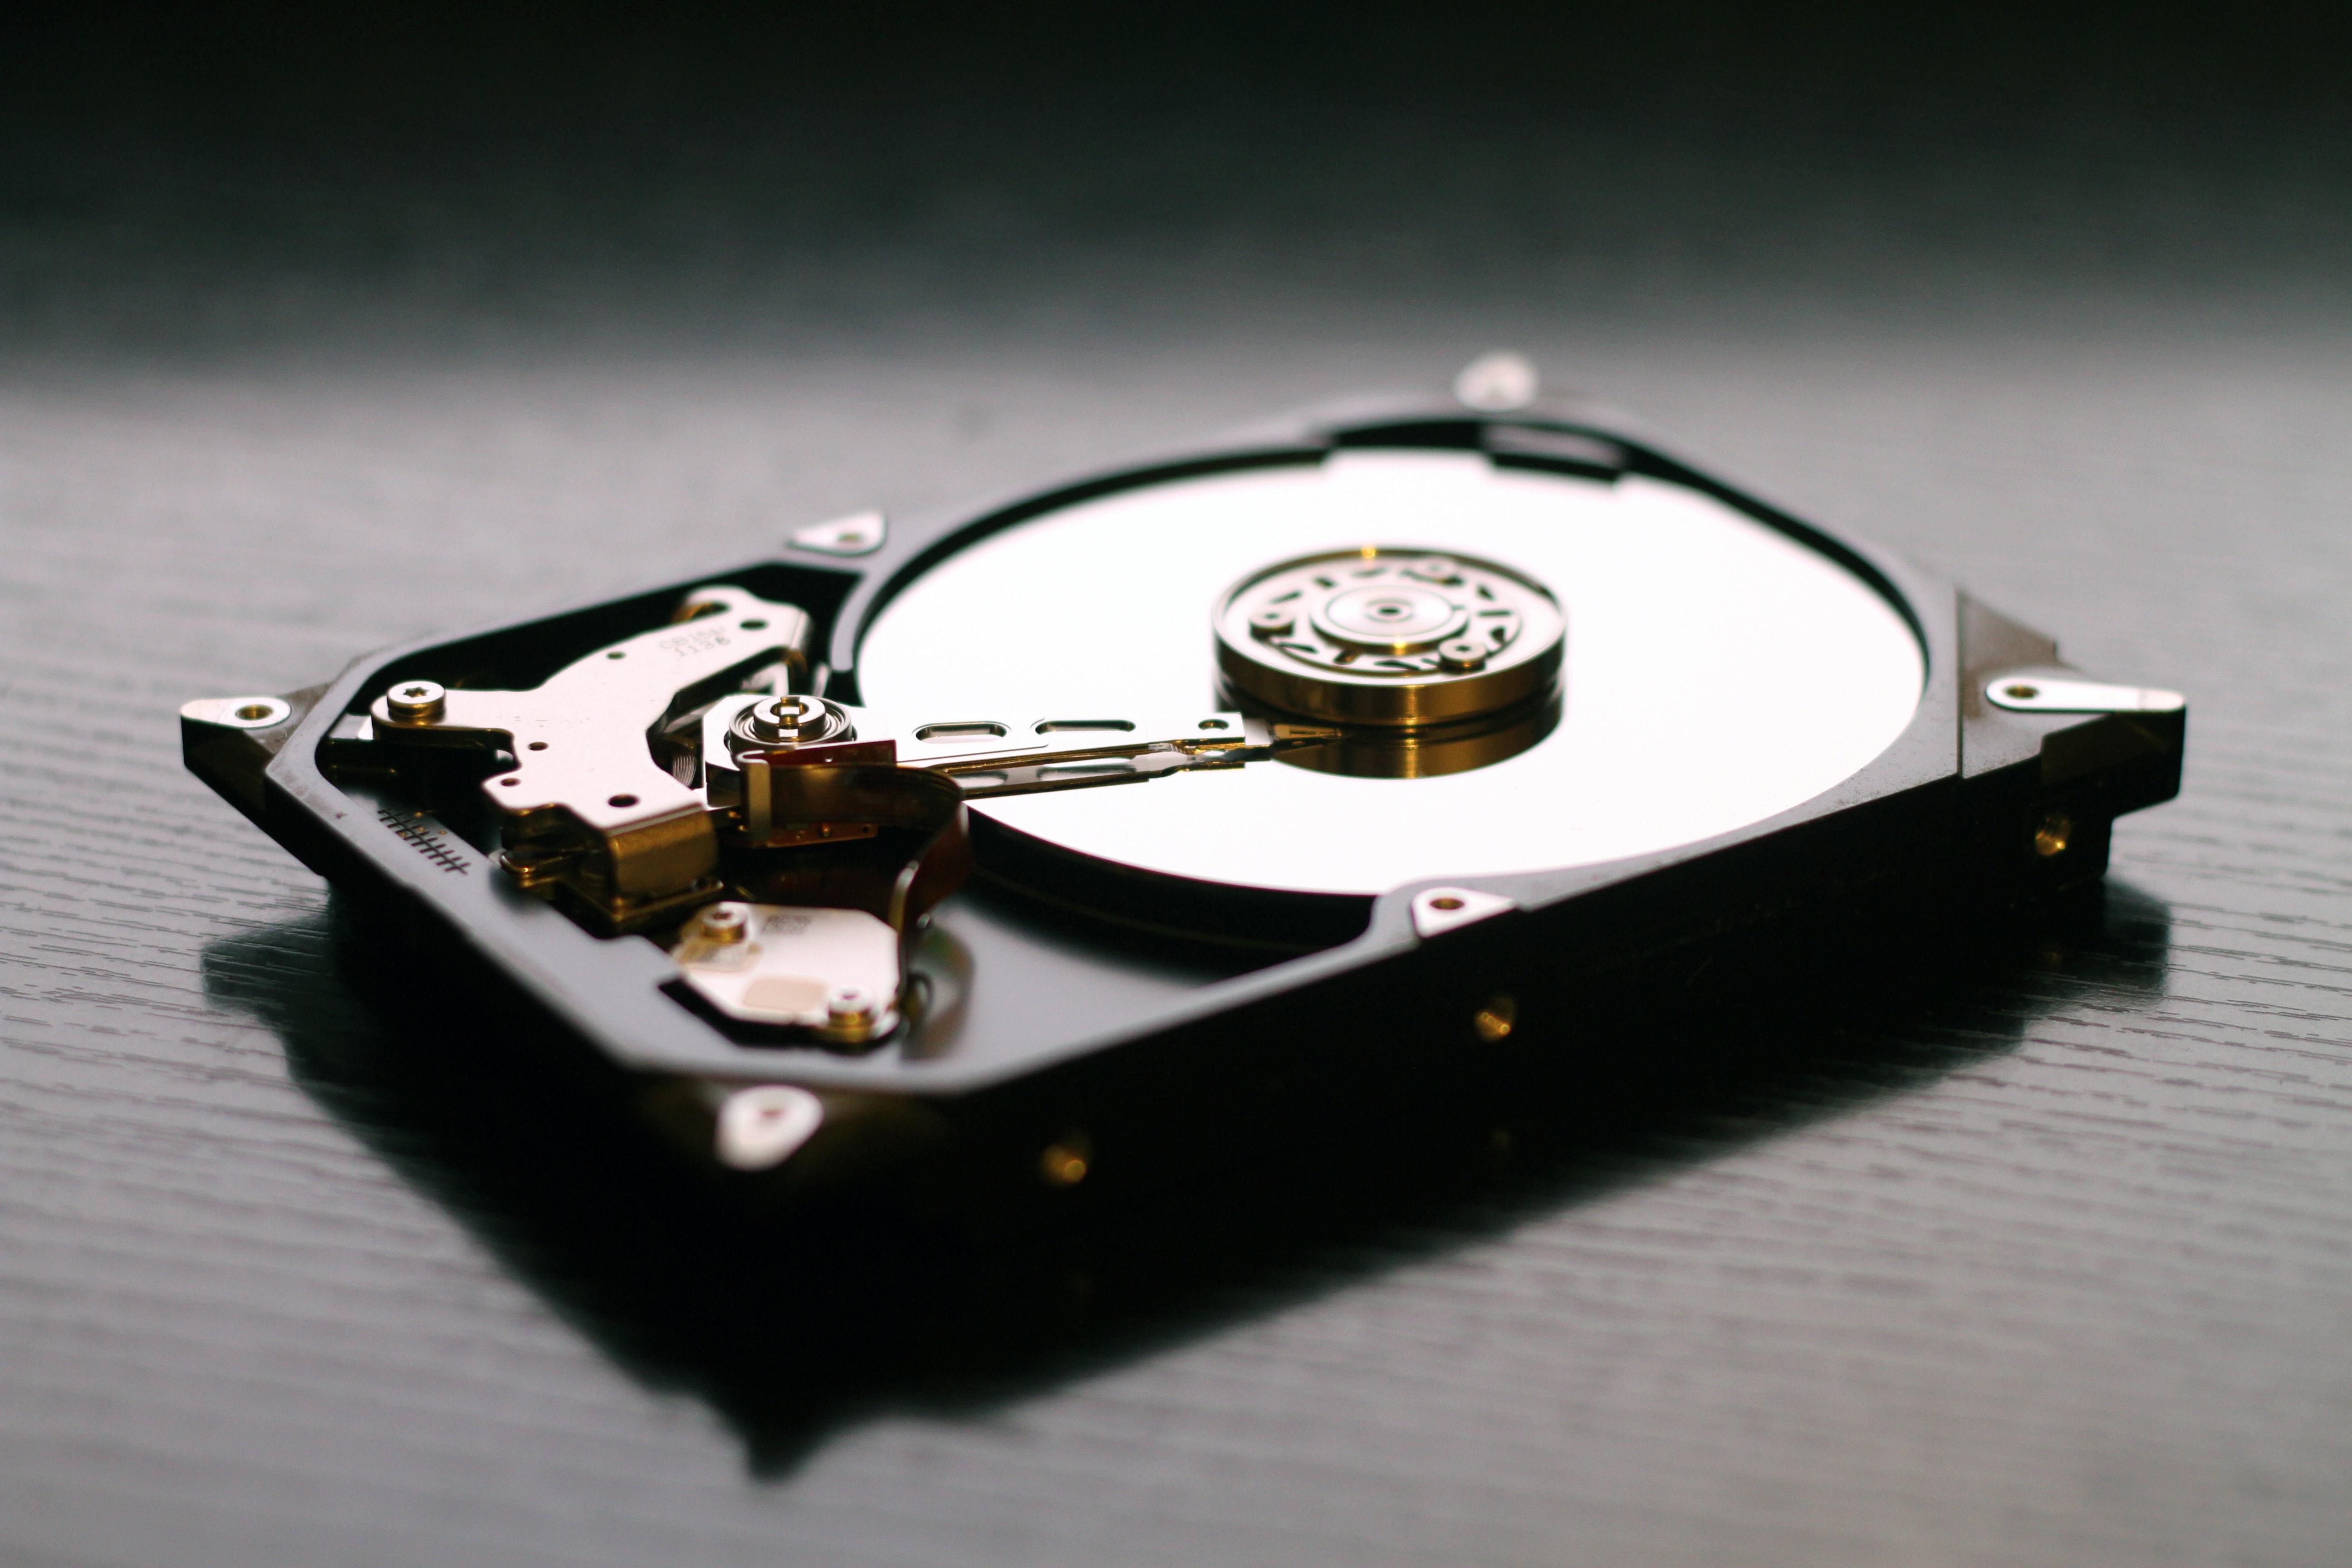 補助記憶装置(ストレージ)とは?HDDとSSDとは?